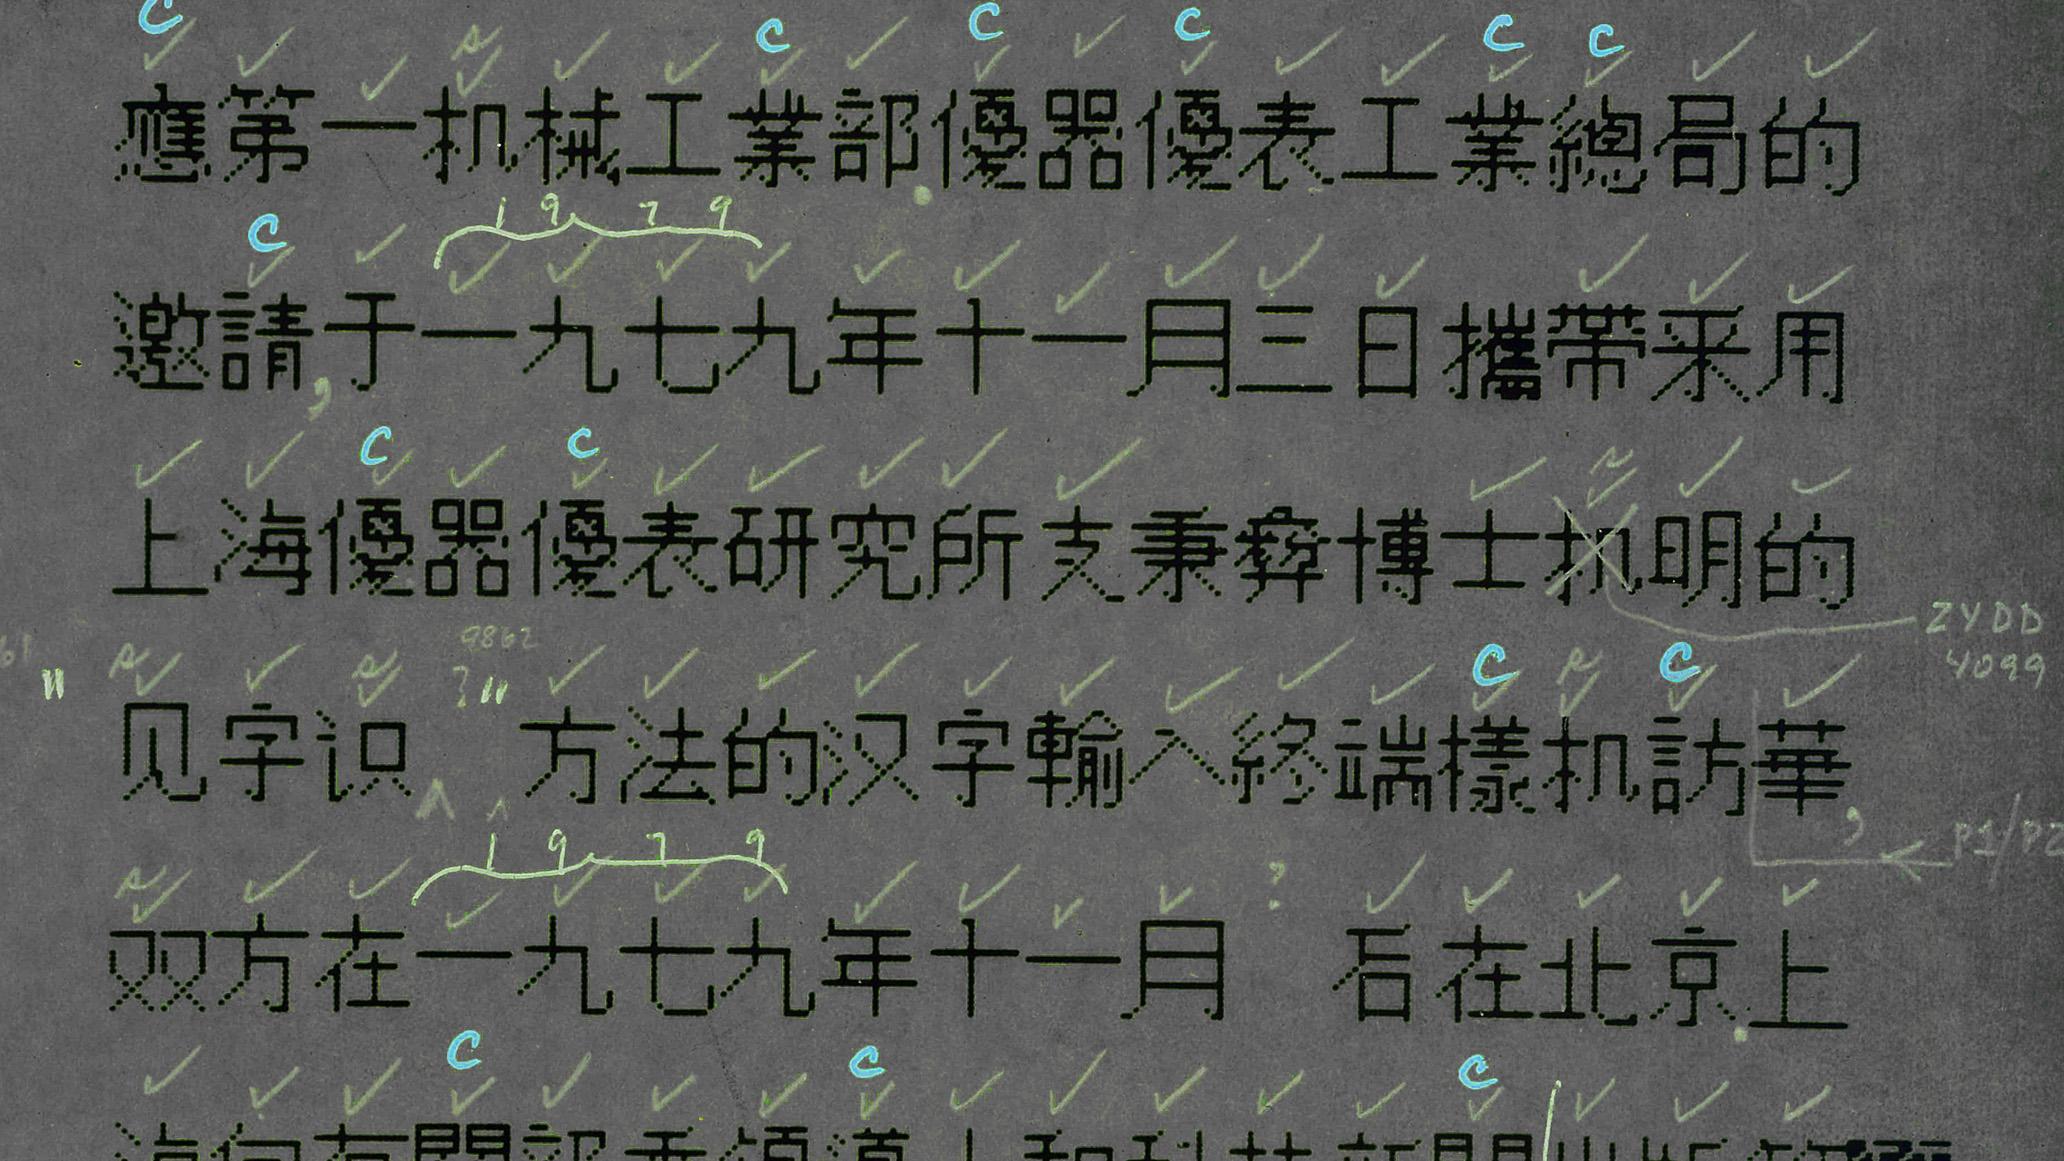 厳しい制約下での圧倒的こだわり——世界初の中国語フォント誕生秘話